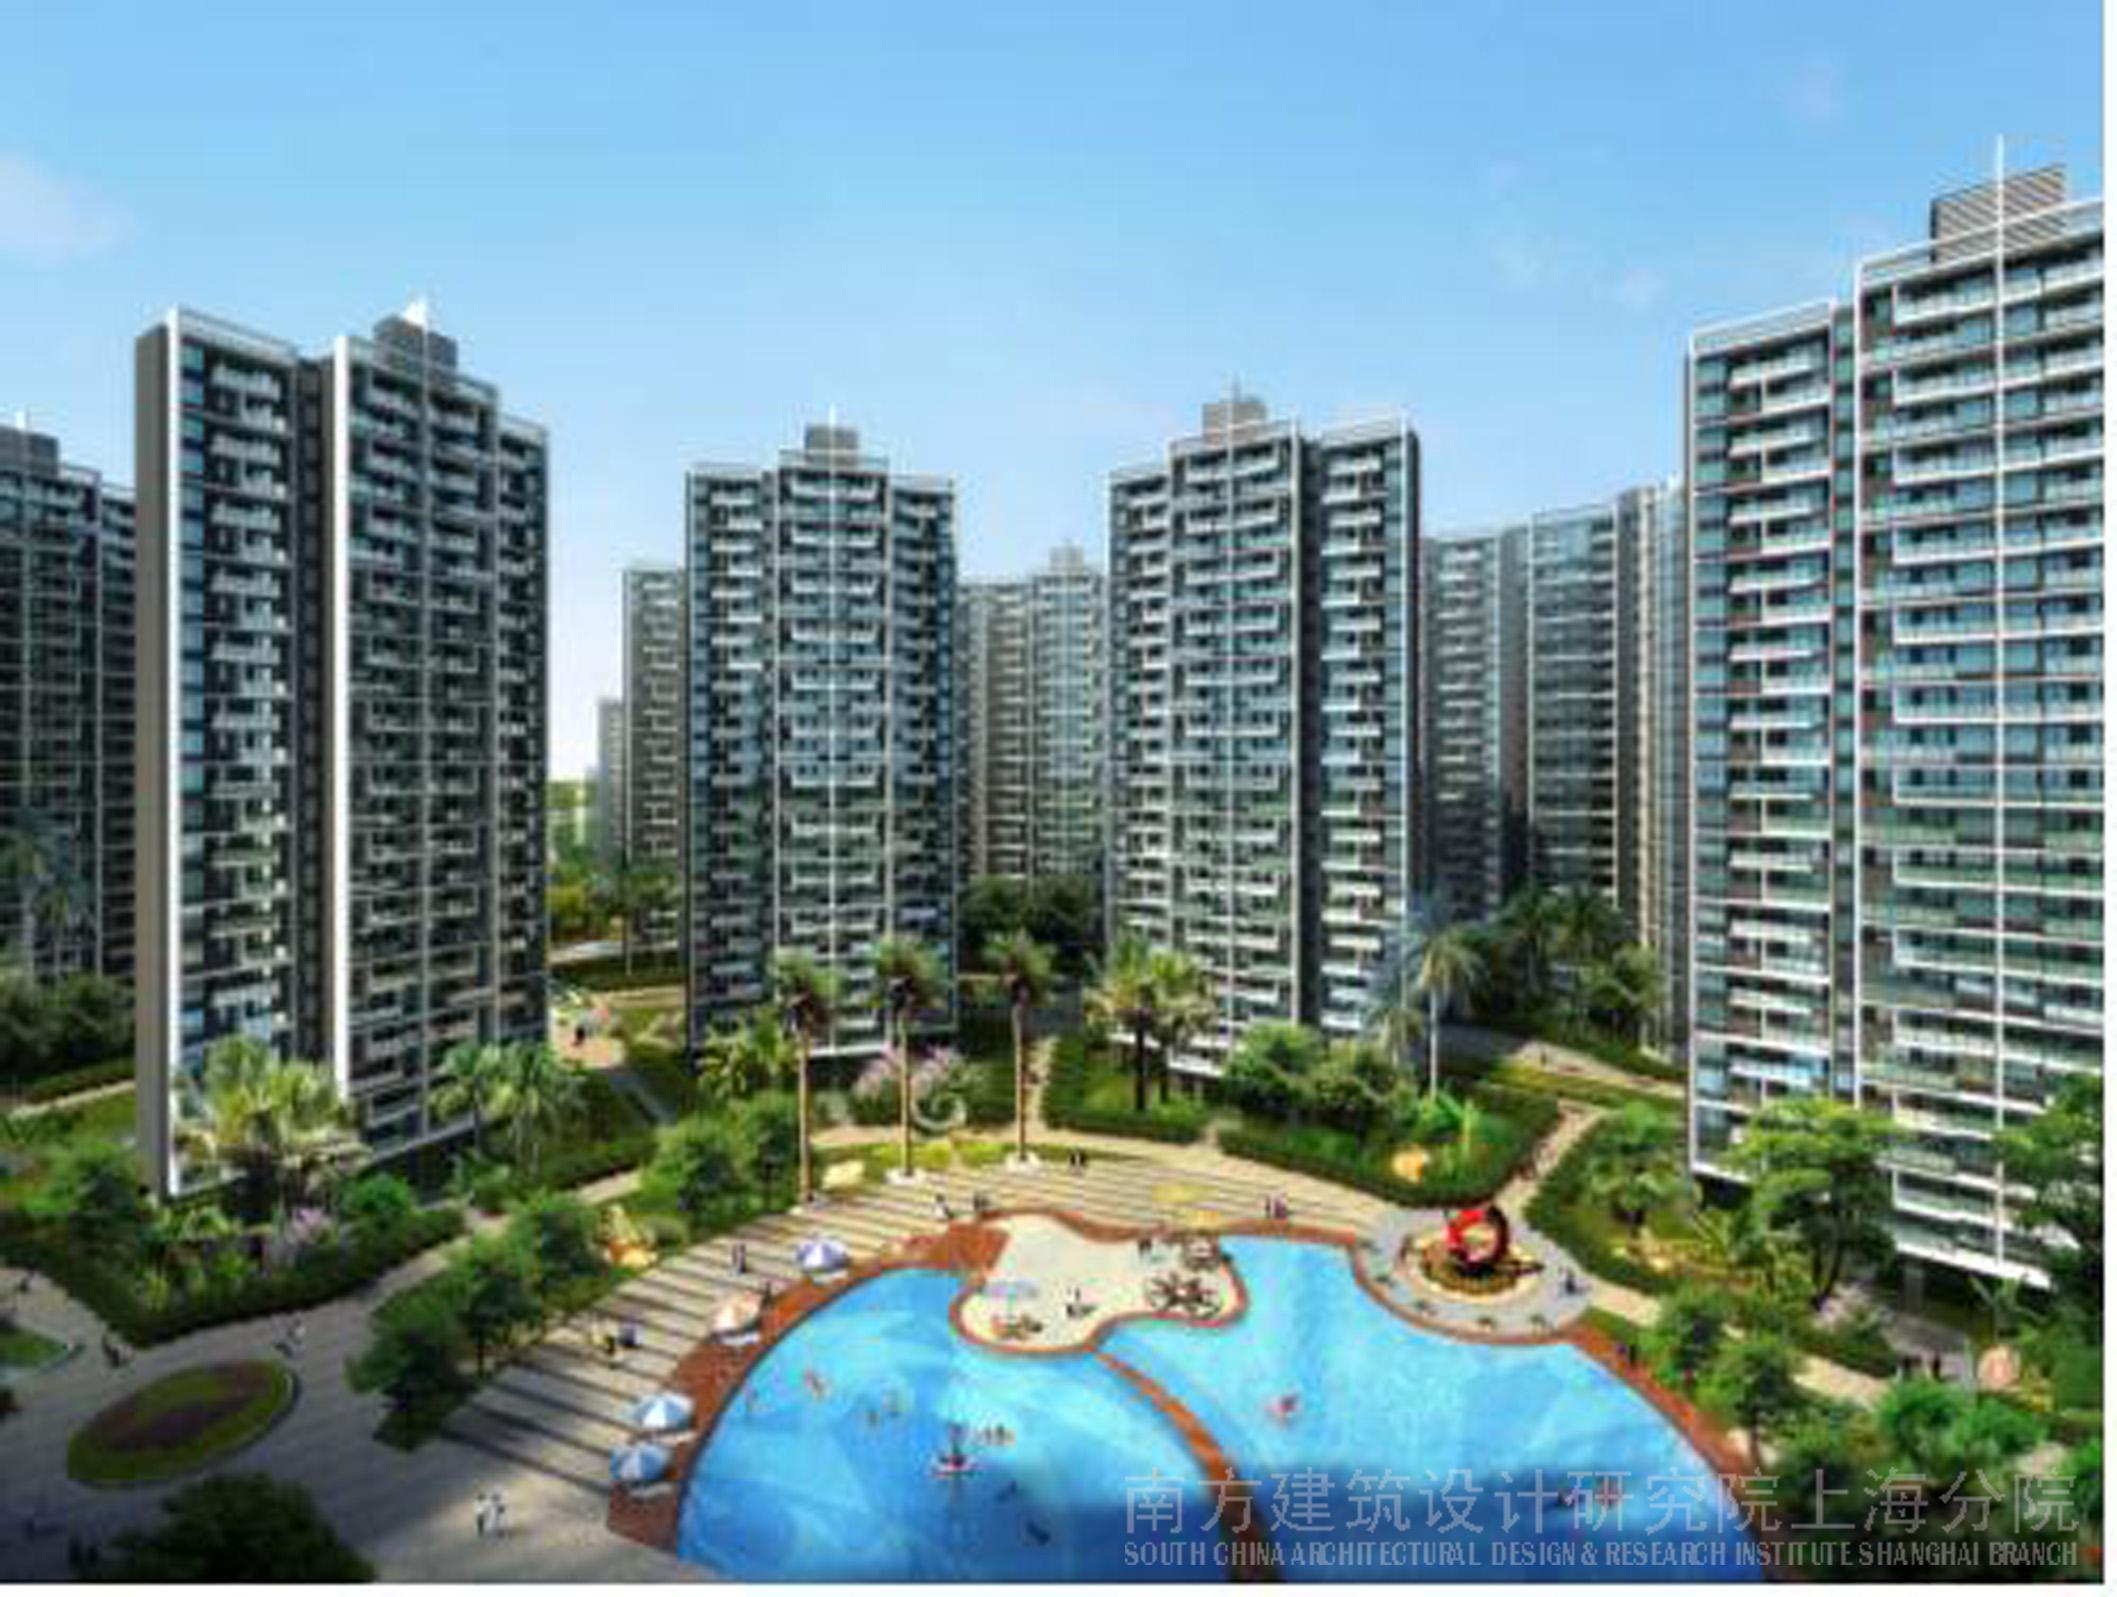 广州南方建筑设计研究院上海分院